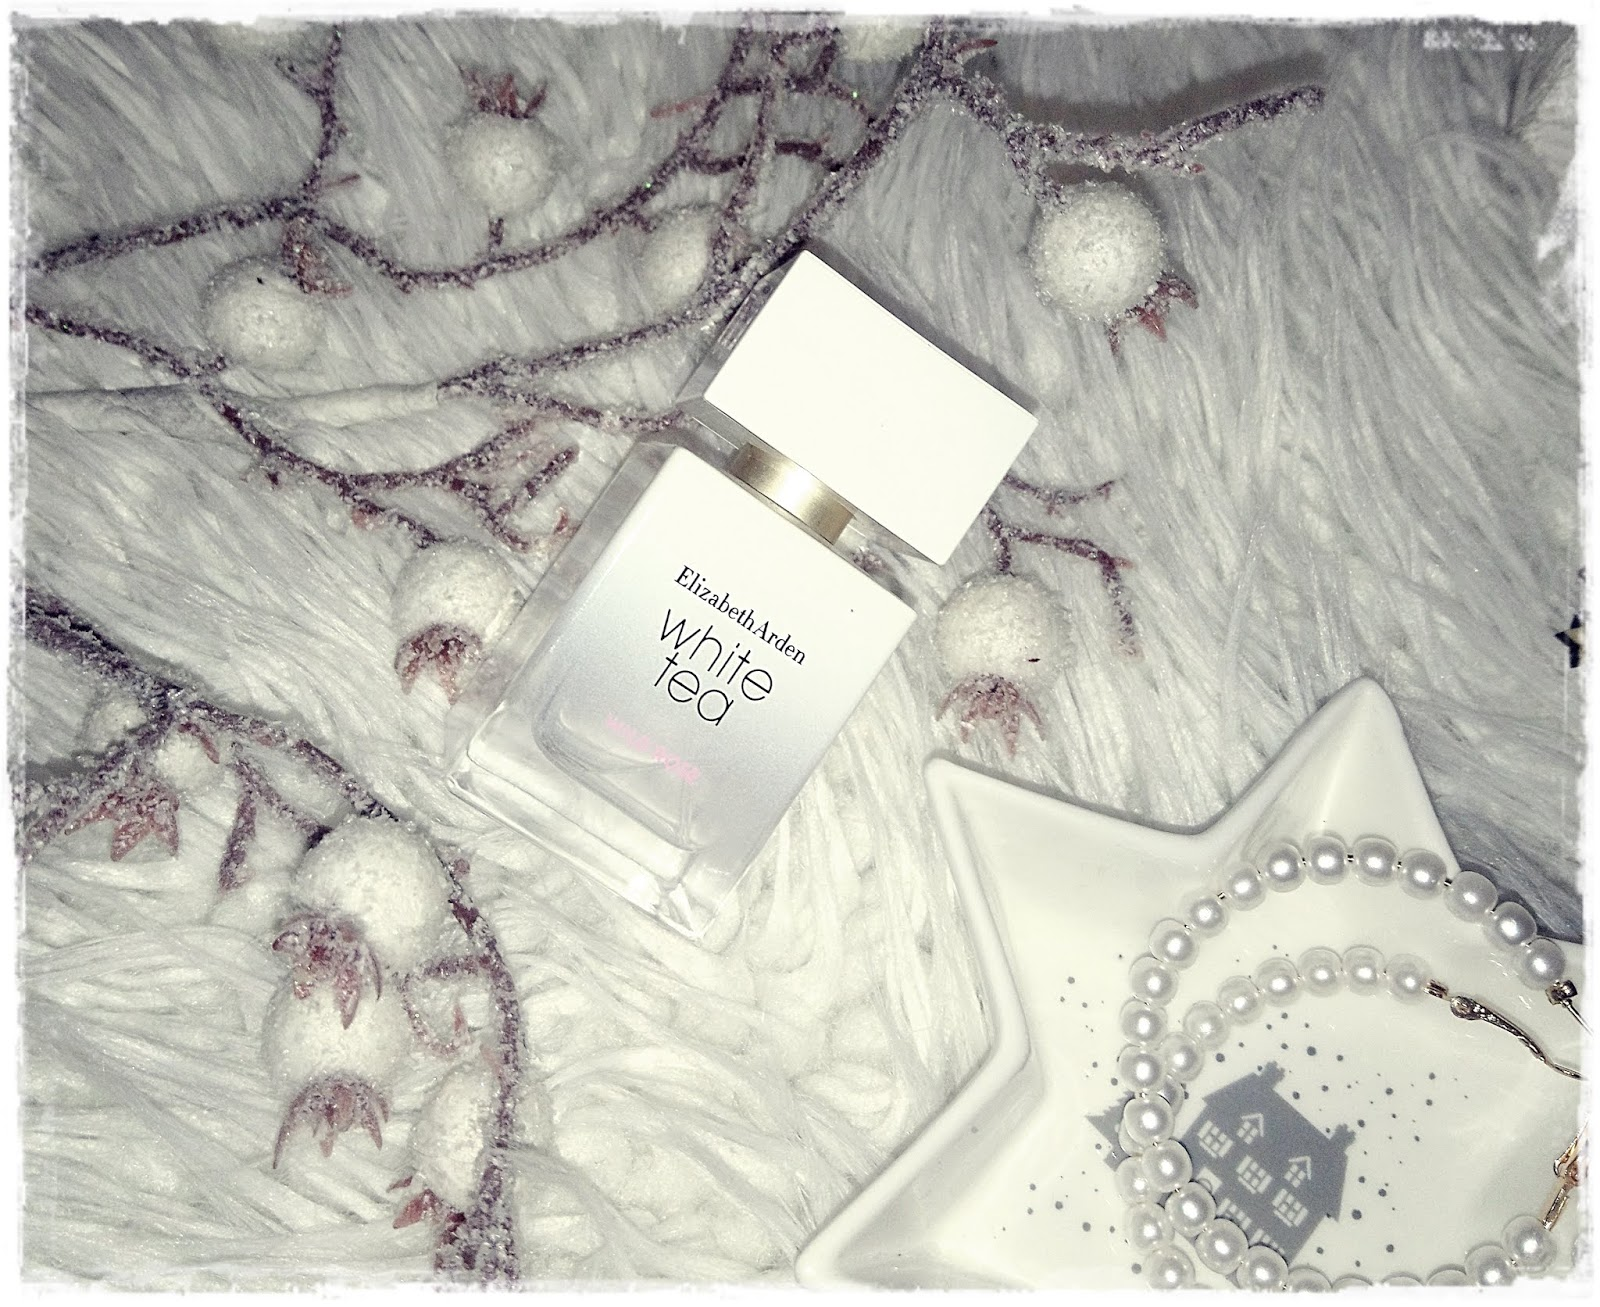 Elizabeth Arden, White Tea Wild Rose